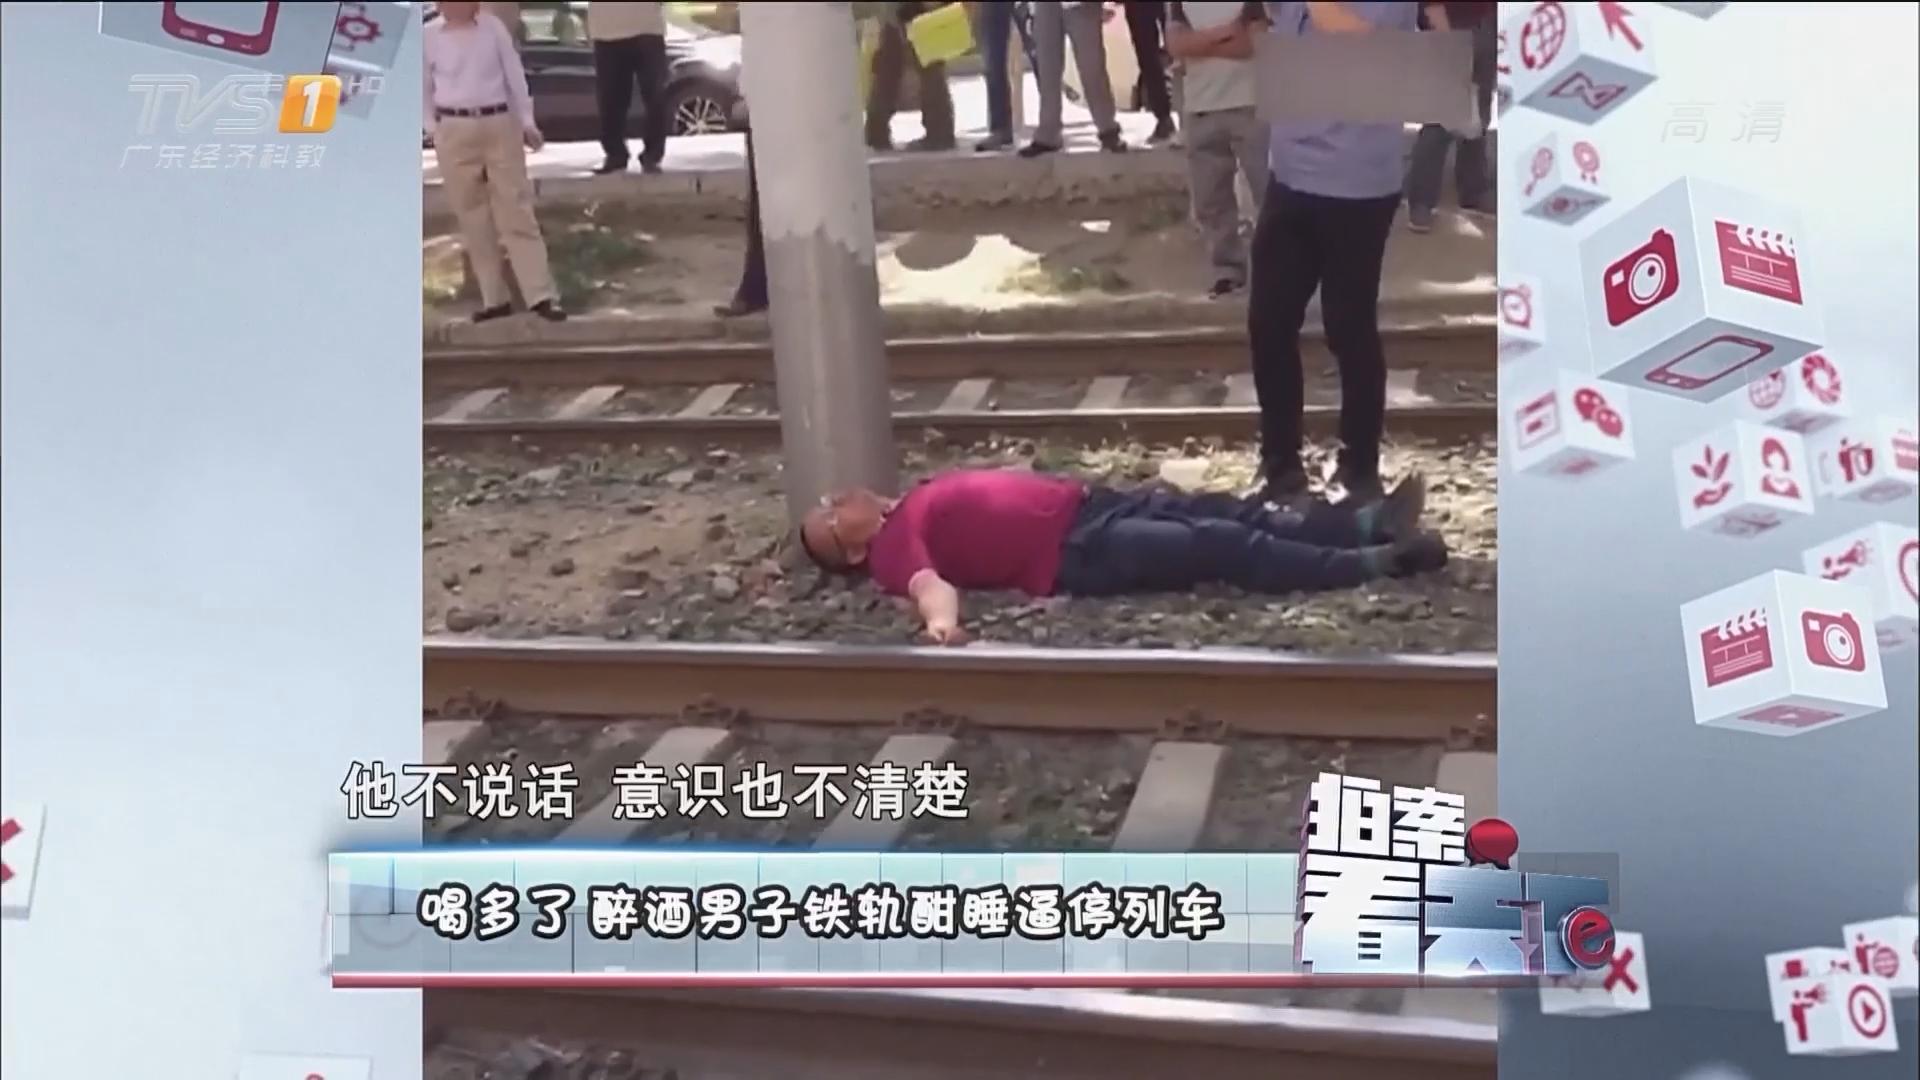 喝多了 醉酒男子铁轨酣睡逼停列车